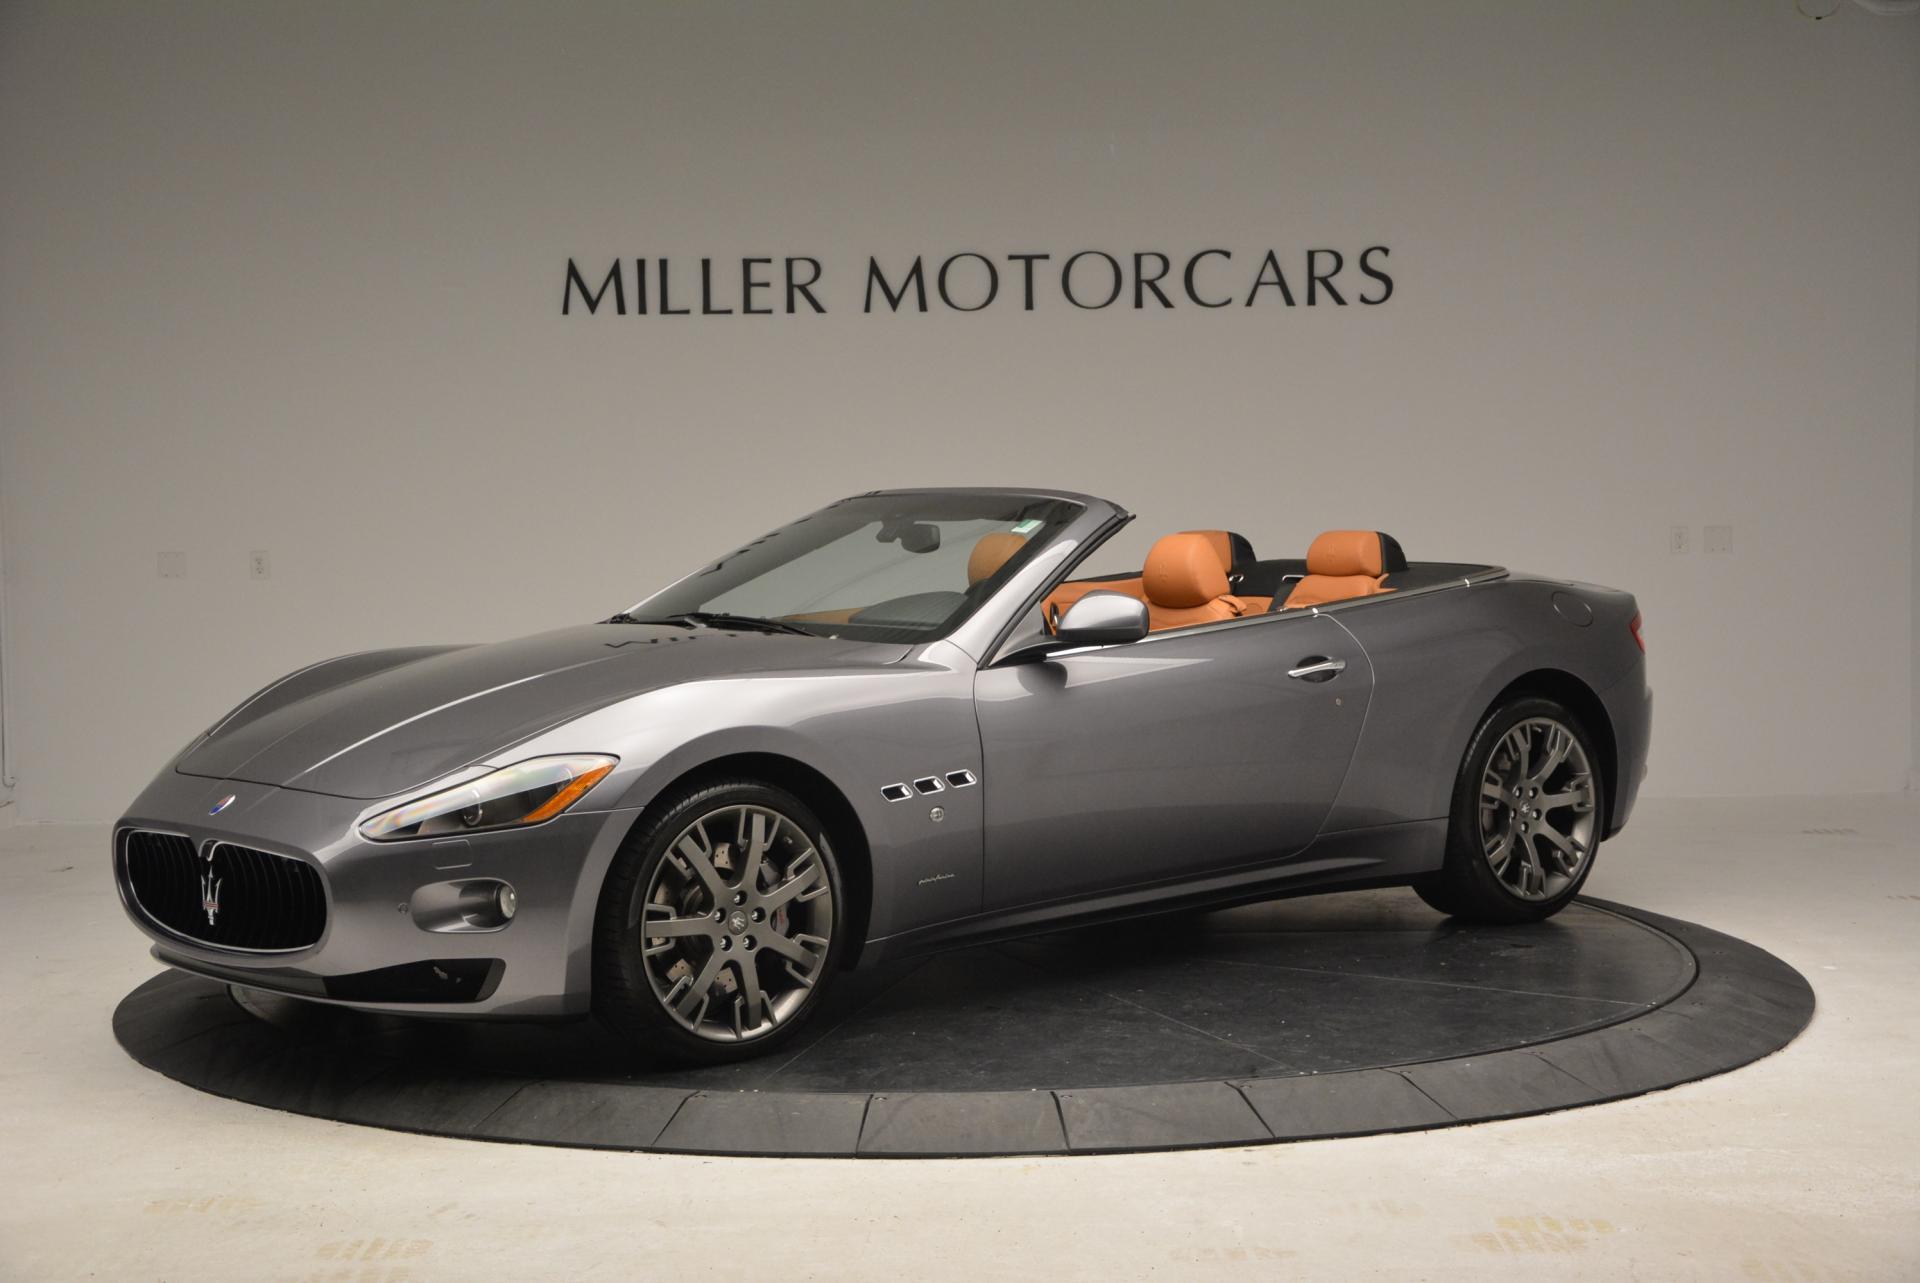 Used 2012 Maserati GranTurismo  For Sale In Greenwich, CT 161_p2